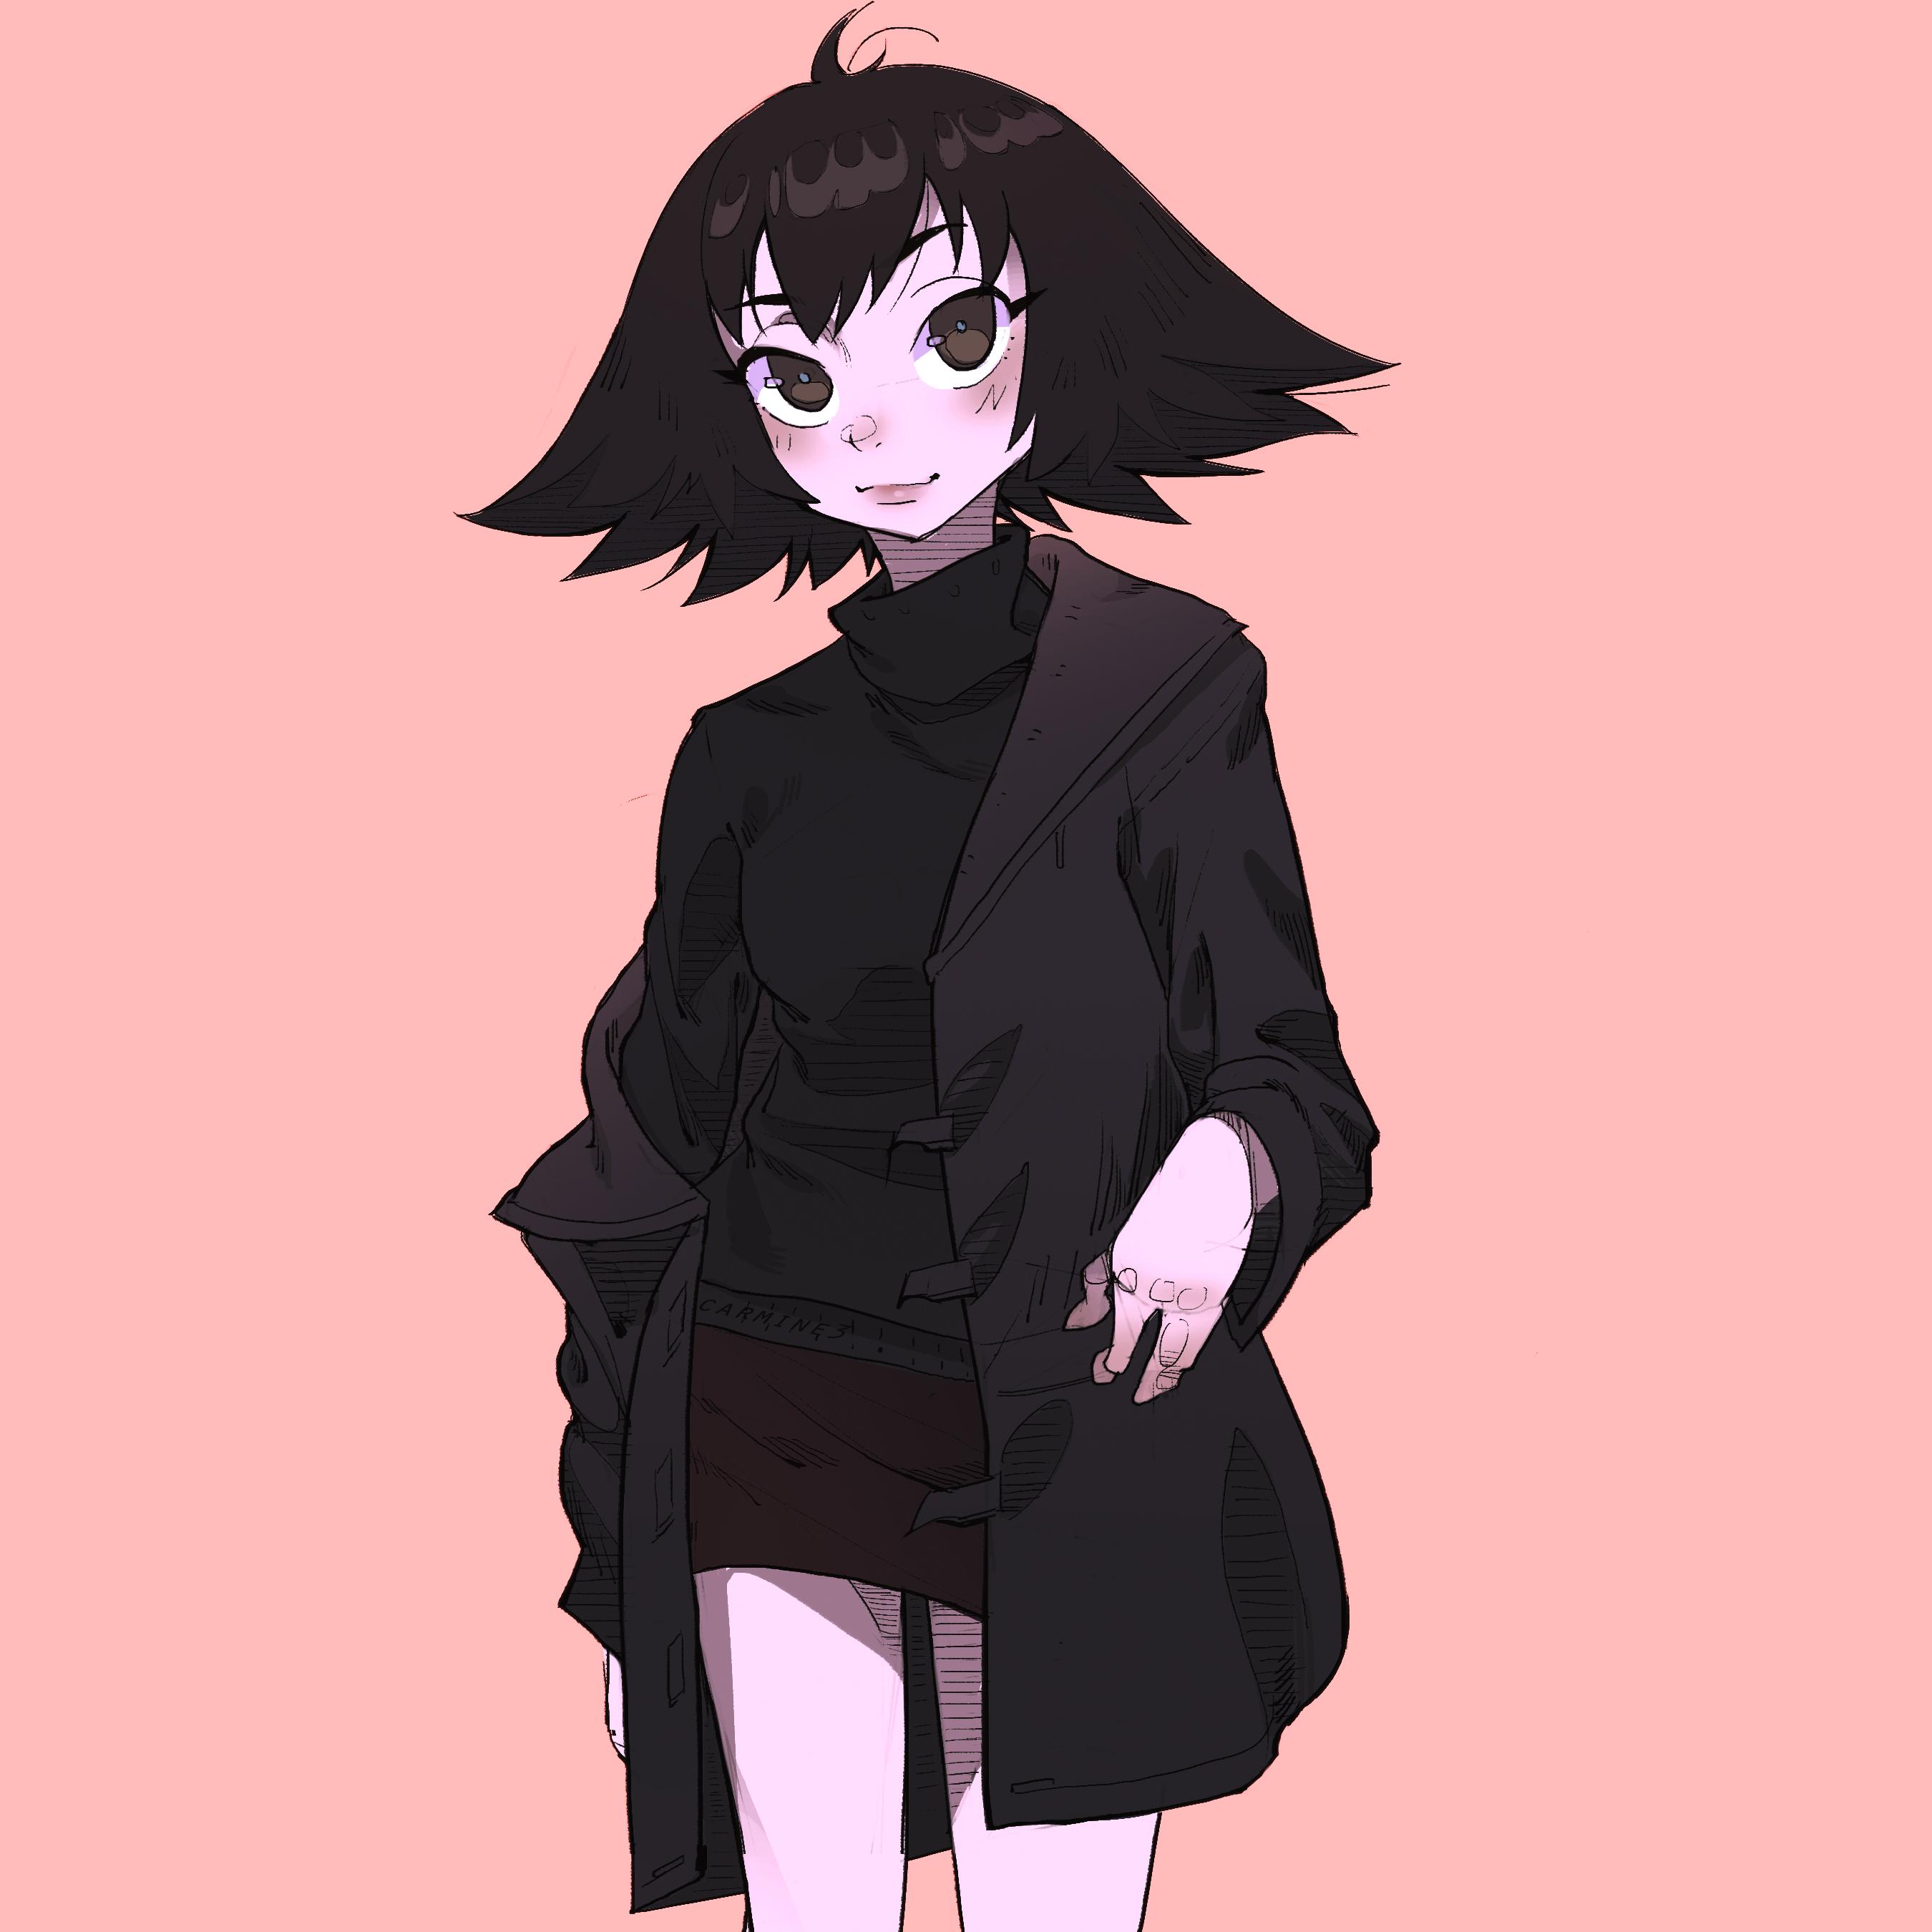 Nonaka Haru